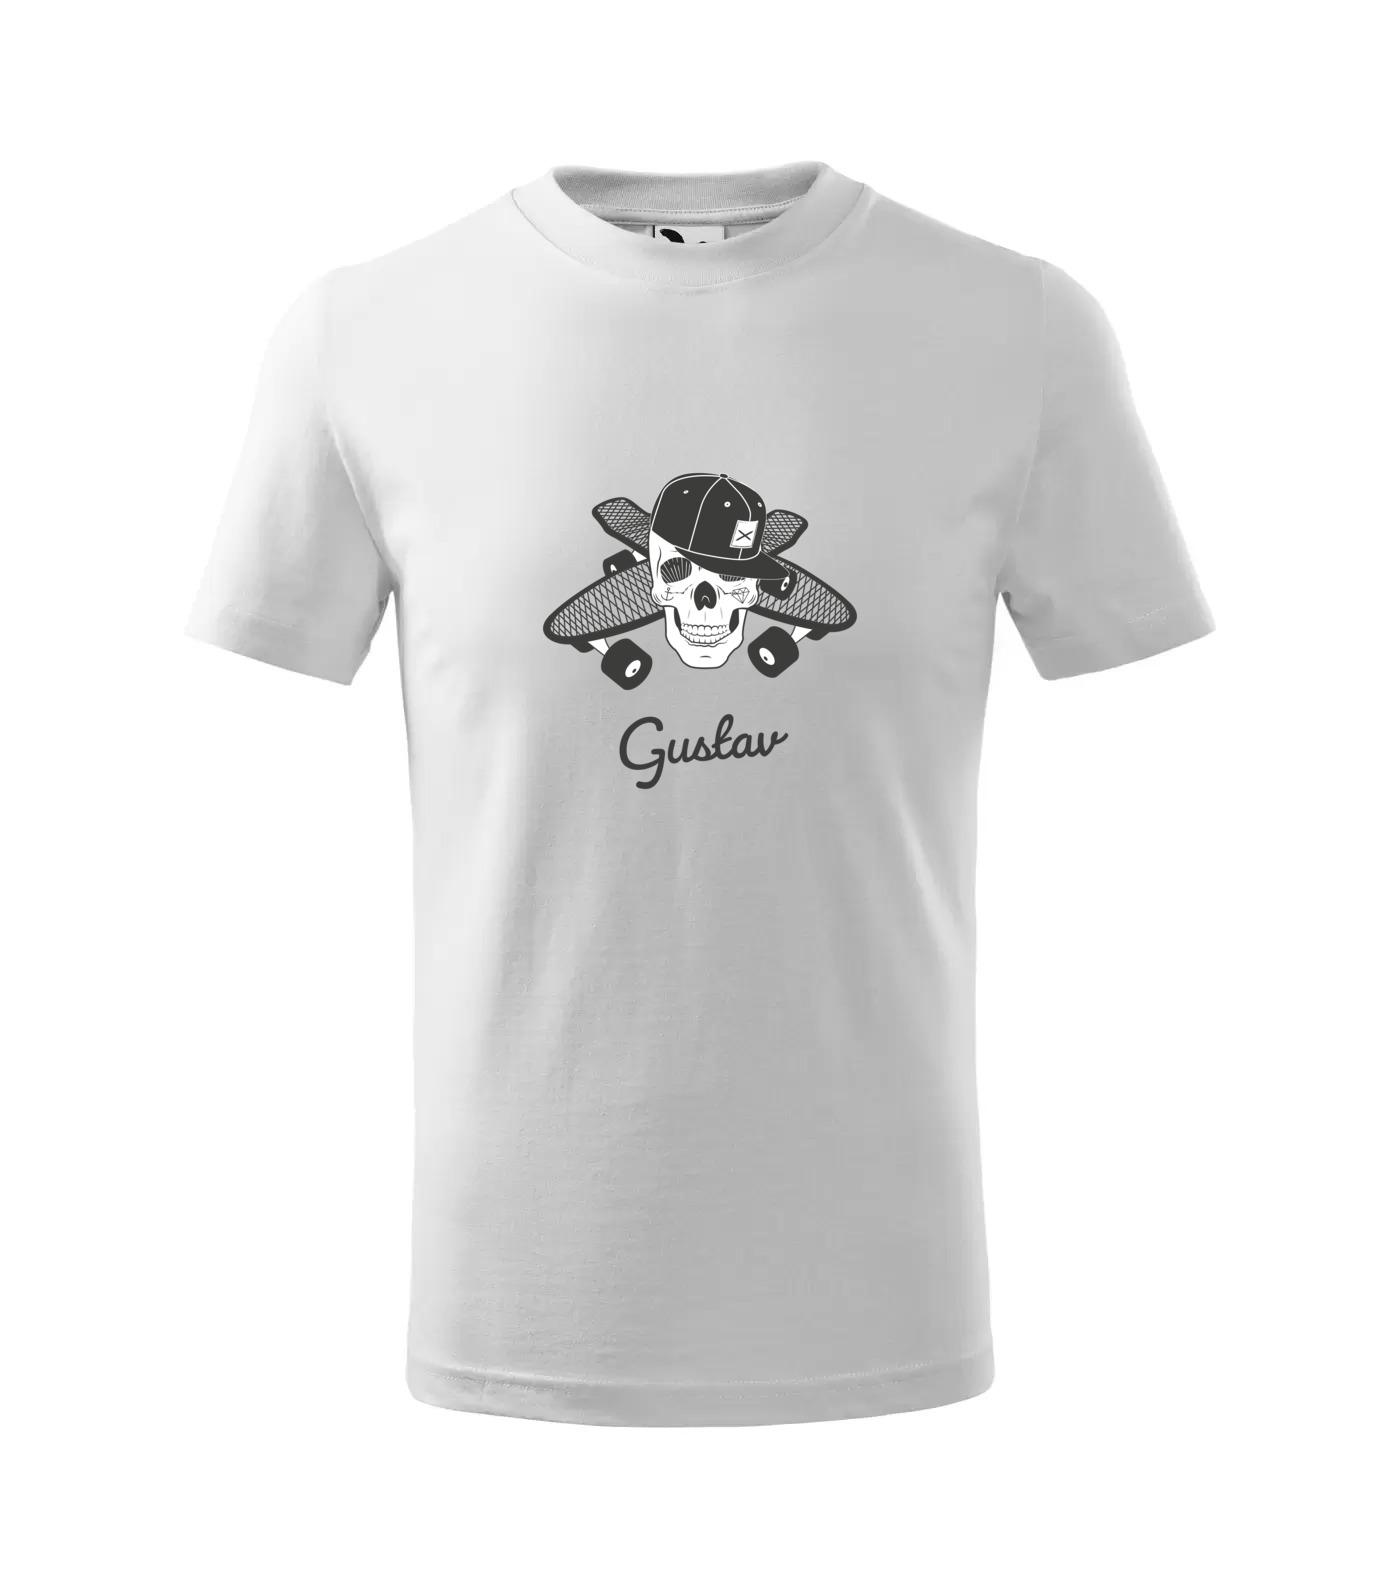 Tričko Skejťák Gustav